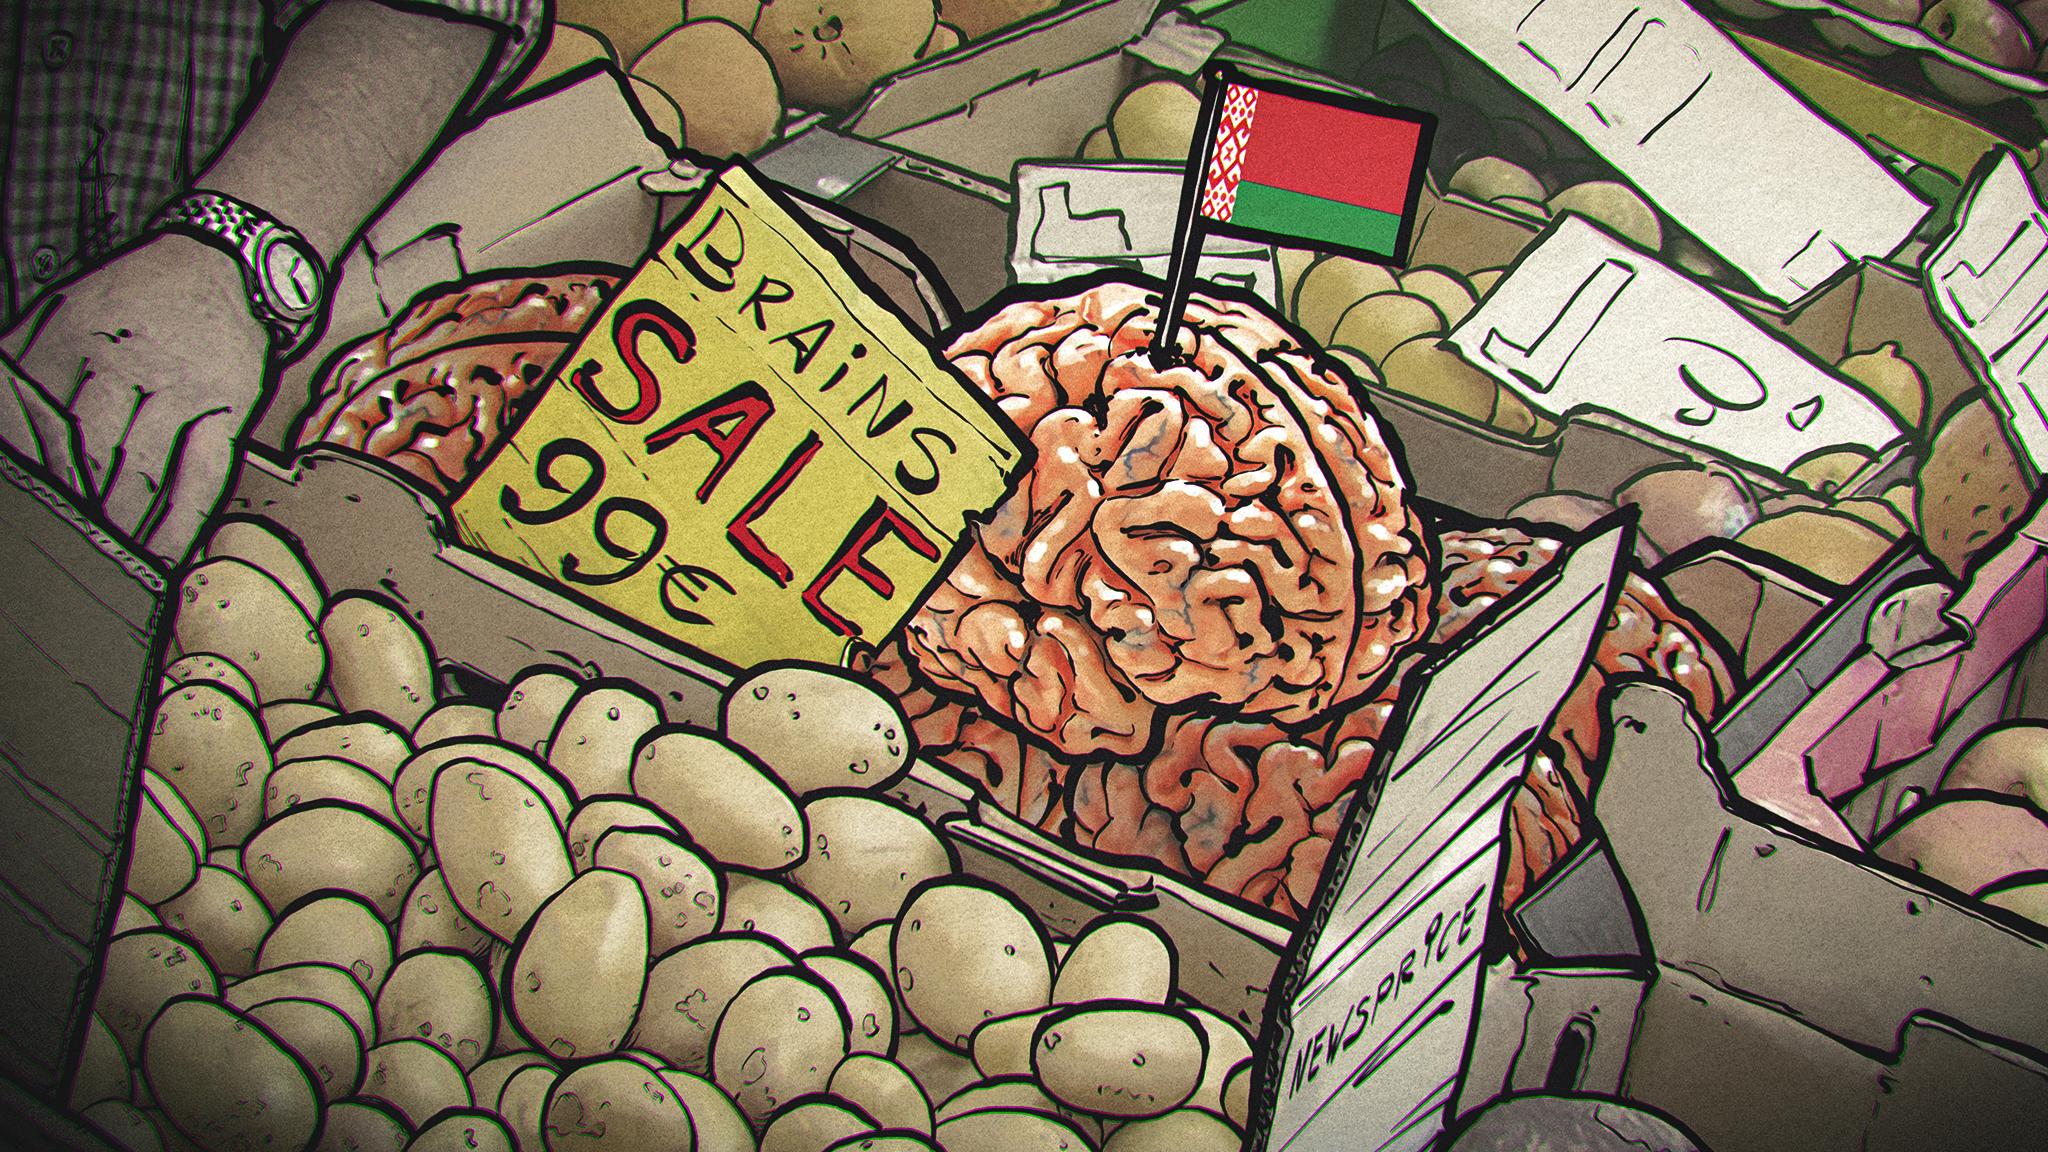 Цена «крайней обеспокоенности». Ради кого Европа поддерживает белорусскую оппозицию